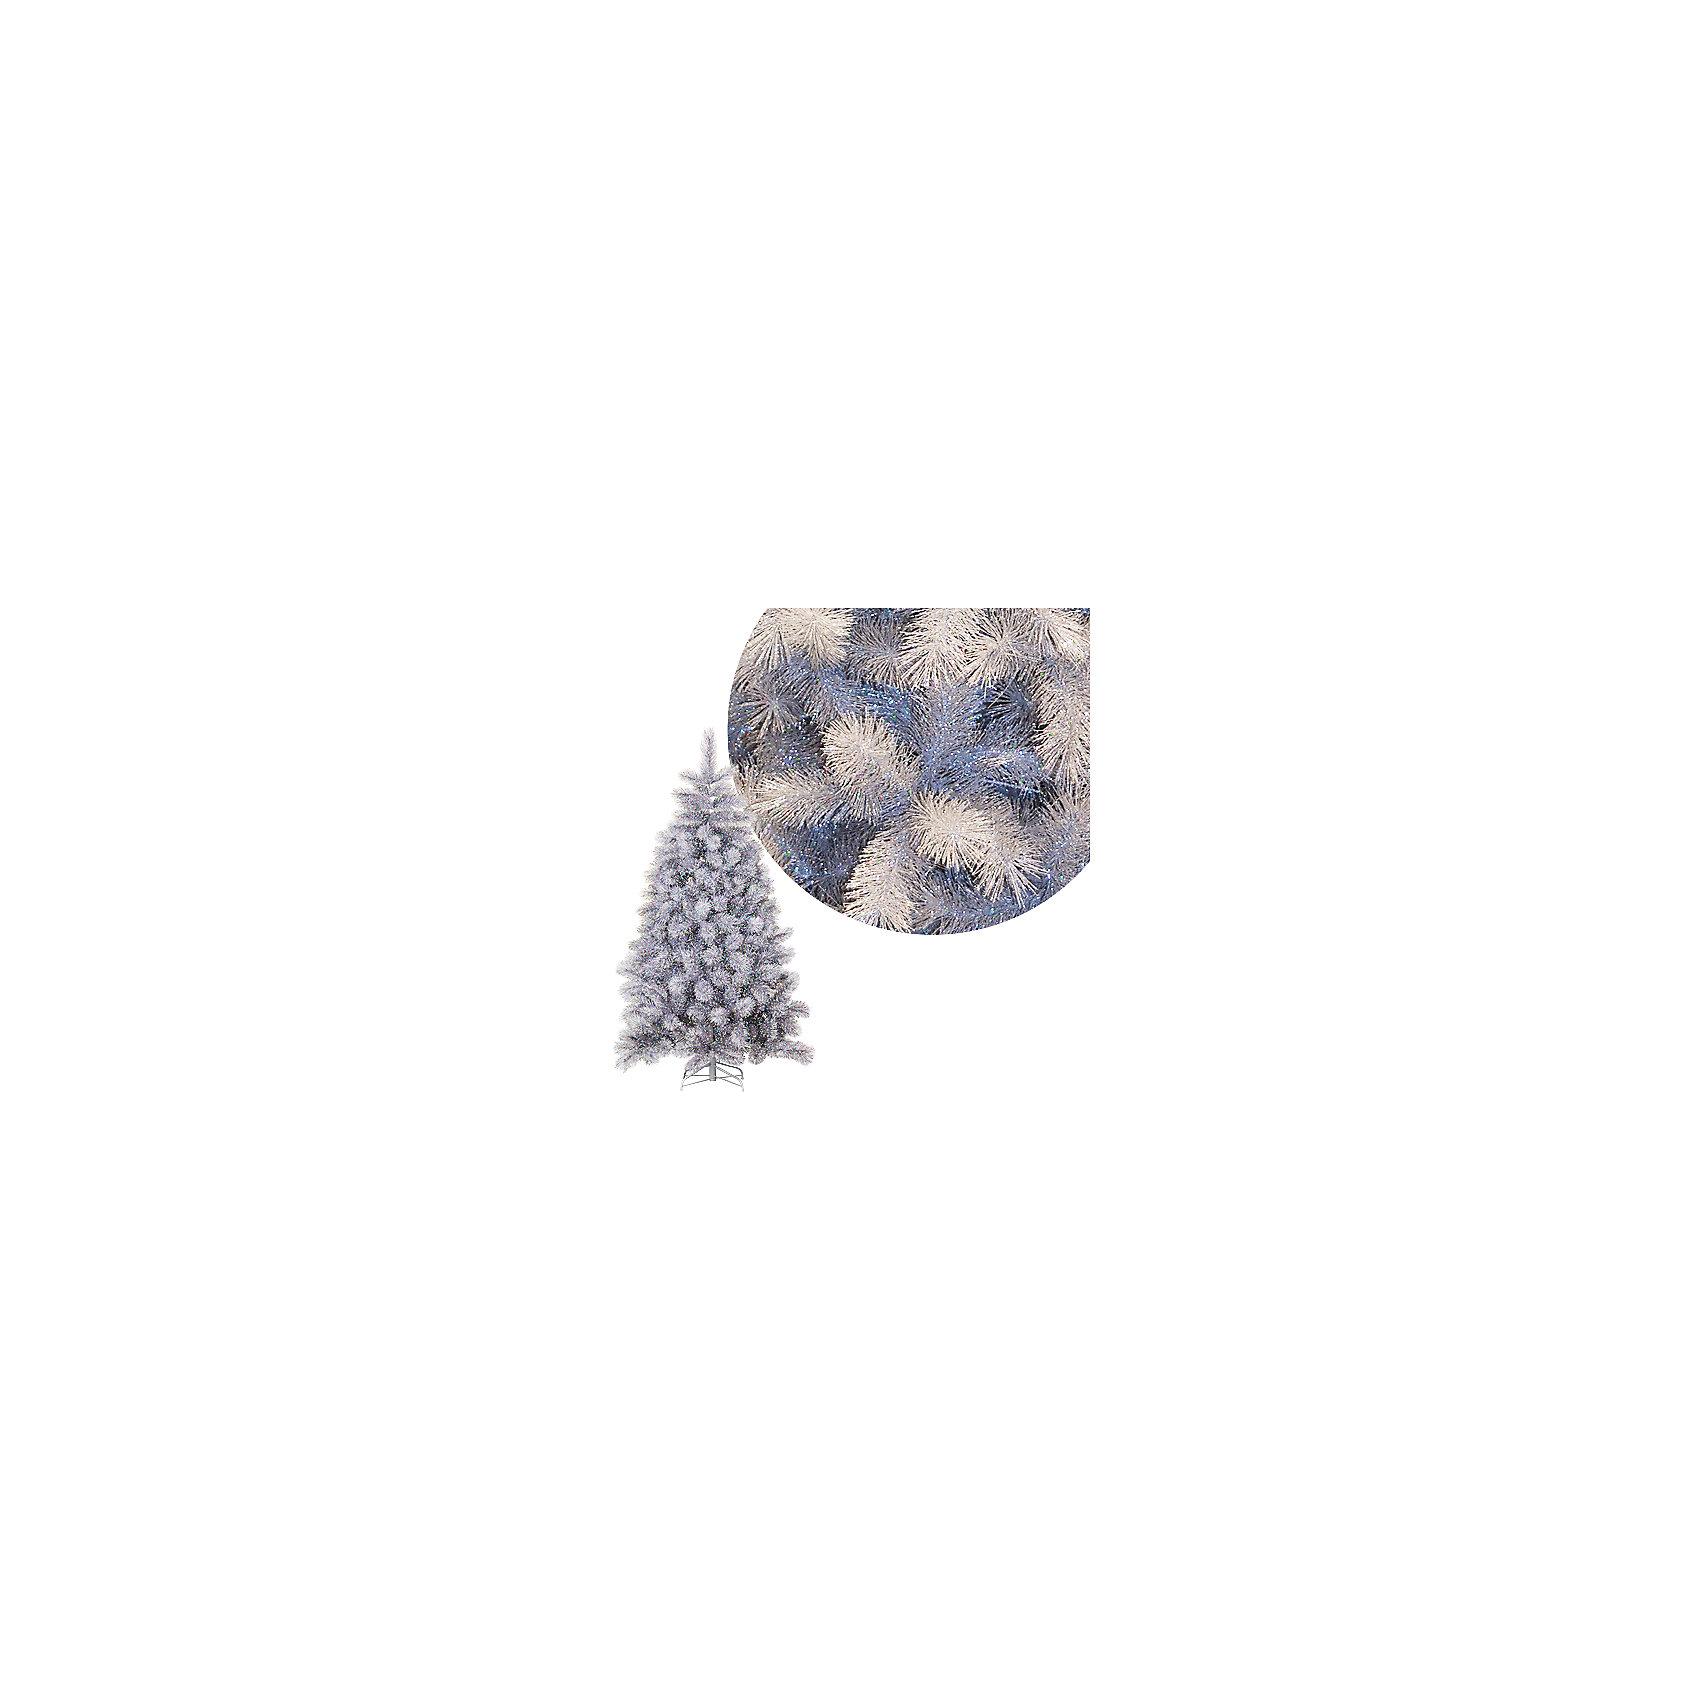 Серебряная елка 150 см (240 веток) на металлической подставкеСеребряная елка 150 см (240 веток) на металлической подставке – эта новогодняя ель принесет праздничное настроение в любой дом.<br>Новогодняя серебряная ель с пушистыми веточками - настоящая шикарная лесная красавица! Искусственная елочка будет достойным декоративным украшением любого помещения! Стоит только собрать секции, распрямить ветви и распушить их. Такая конструкция является самой долговечной и удобной, а сборка и установка ели не отнимает много времени и сил.<br><br>Дополнительная информация:<br><br>- Высота: 150 см.<br>- Количество веток: 240<br>- Прочное металлическое основание<br>- Размер упаковки: 14х16х95 см.<br>- Вес: 2 кг.<br><br>Серебряную елку 150 см (240 веток) на металлической подставке можно купить в нашем интернет-магазине.<br><br>Ширина мм: 140<br>Глубина мм: 160<br>Высота мм: 950<br>Вес г: 2000<br>Возраст от месяцев: 36<br>Возраст до месяцев: 2147483647<br>Пол: Унисекс<br>Возраст: Детский<br>SKU: 4437442